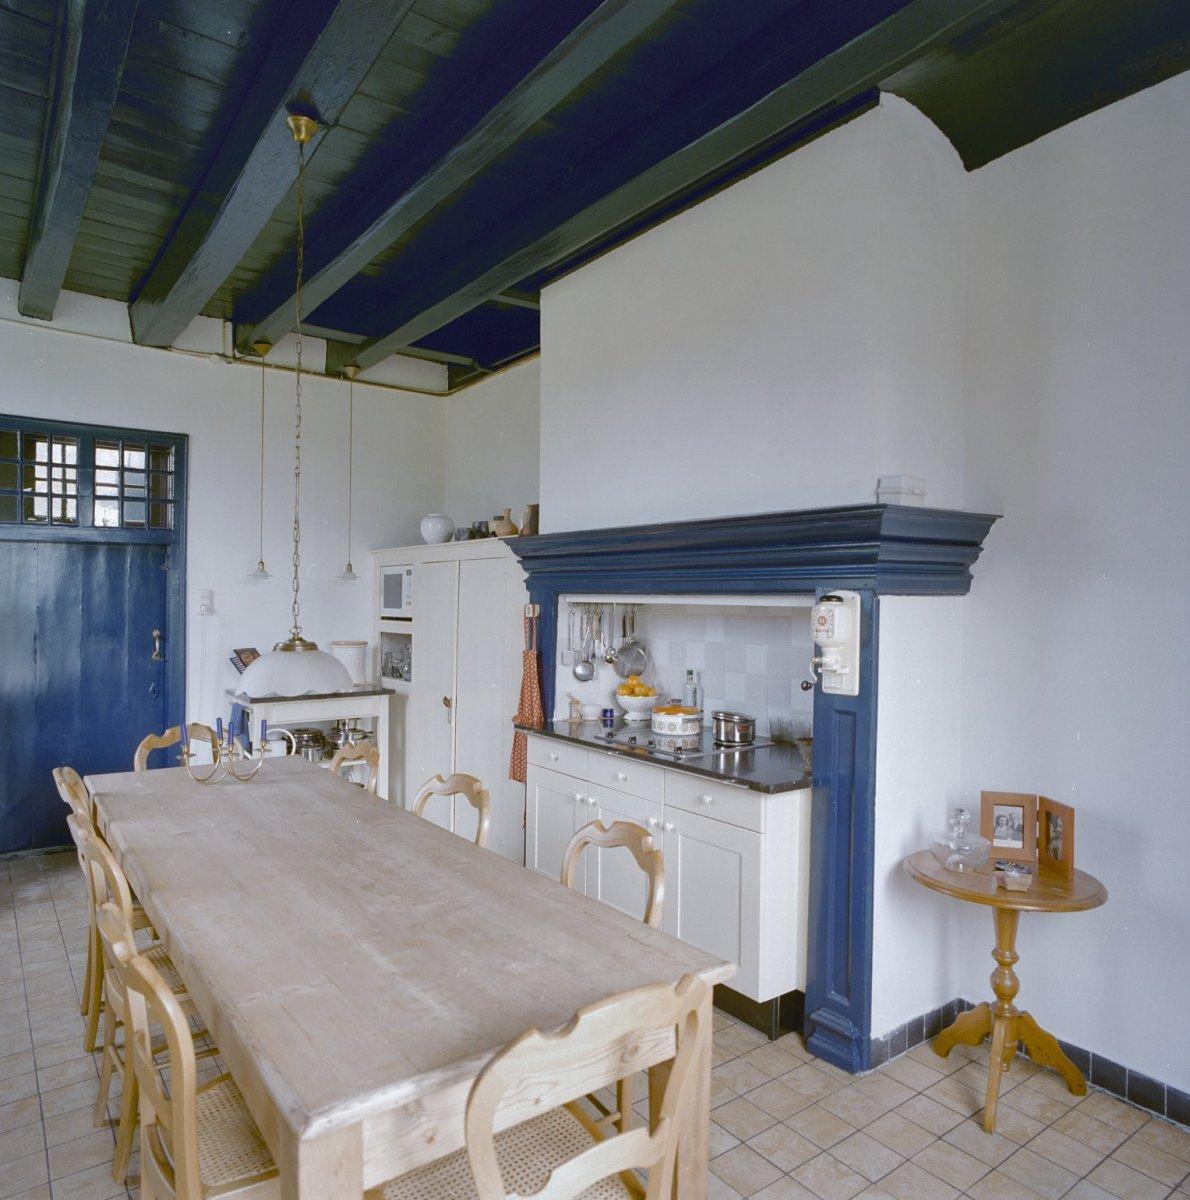 File interieur overzicht keuken met houten balken plafond en schouw breda 20332399 rce - Plafond met balk ...